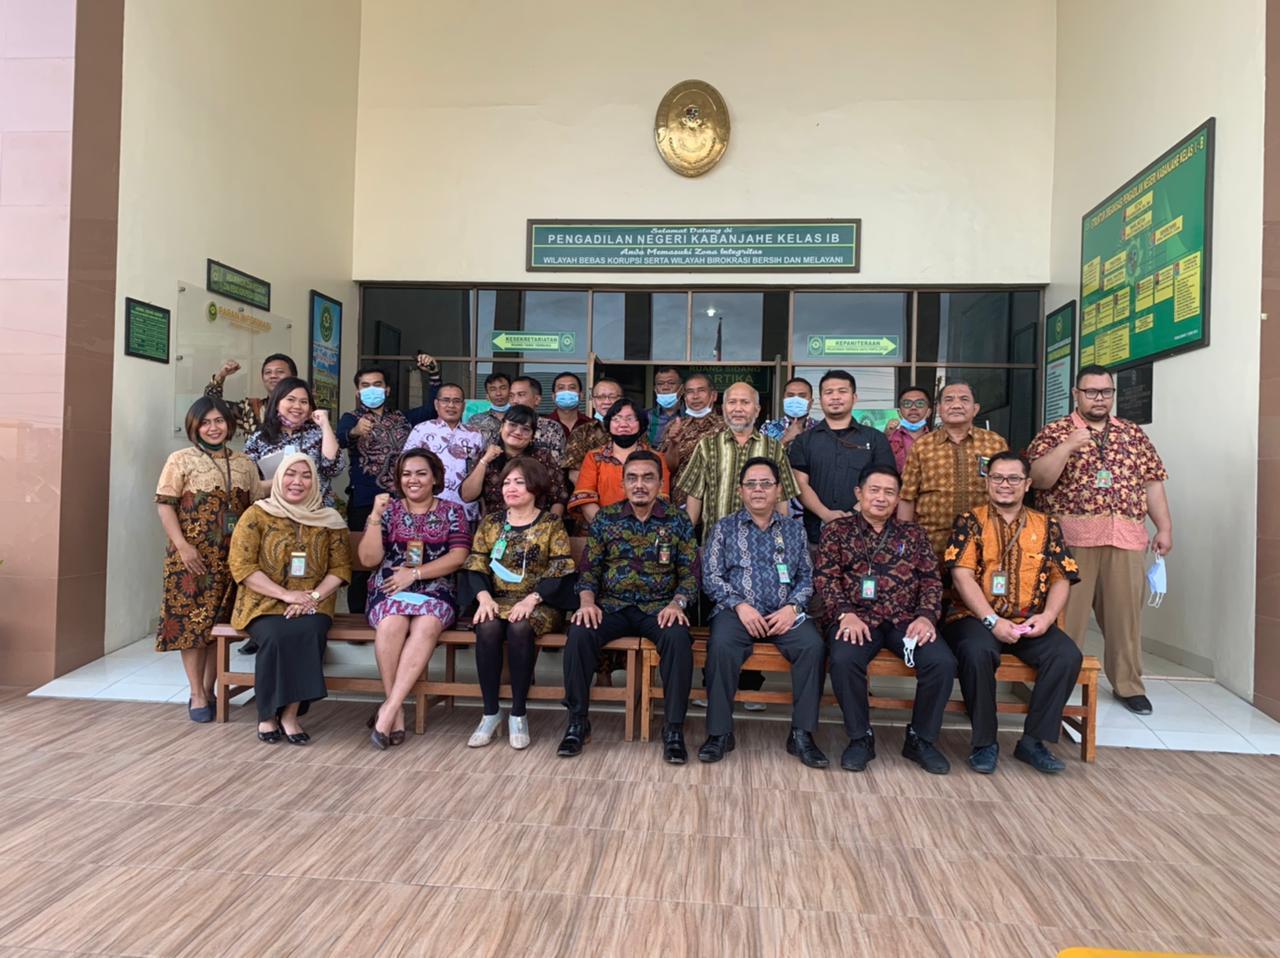 Pembinaan Ketua Pengadilan Tinggi Medan dan Tim Pada Pengadilan Negeri Kabanjahe